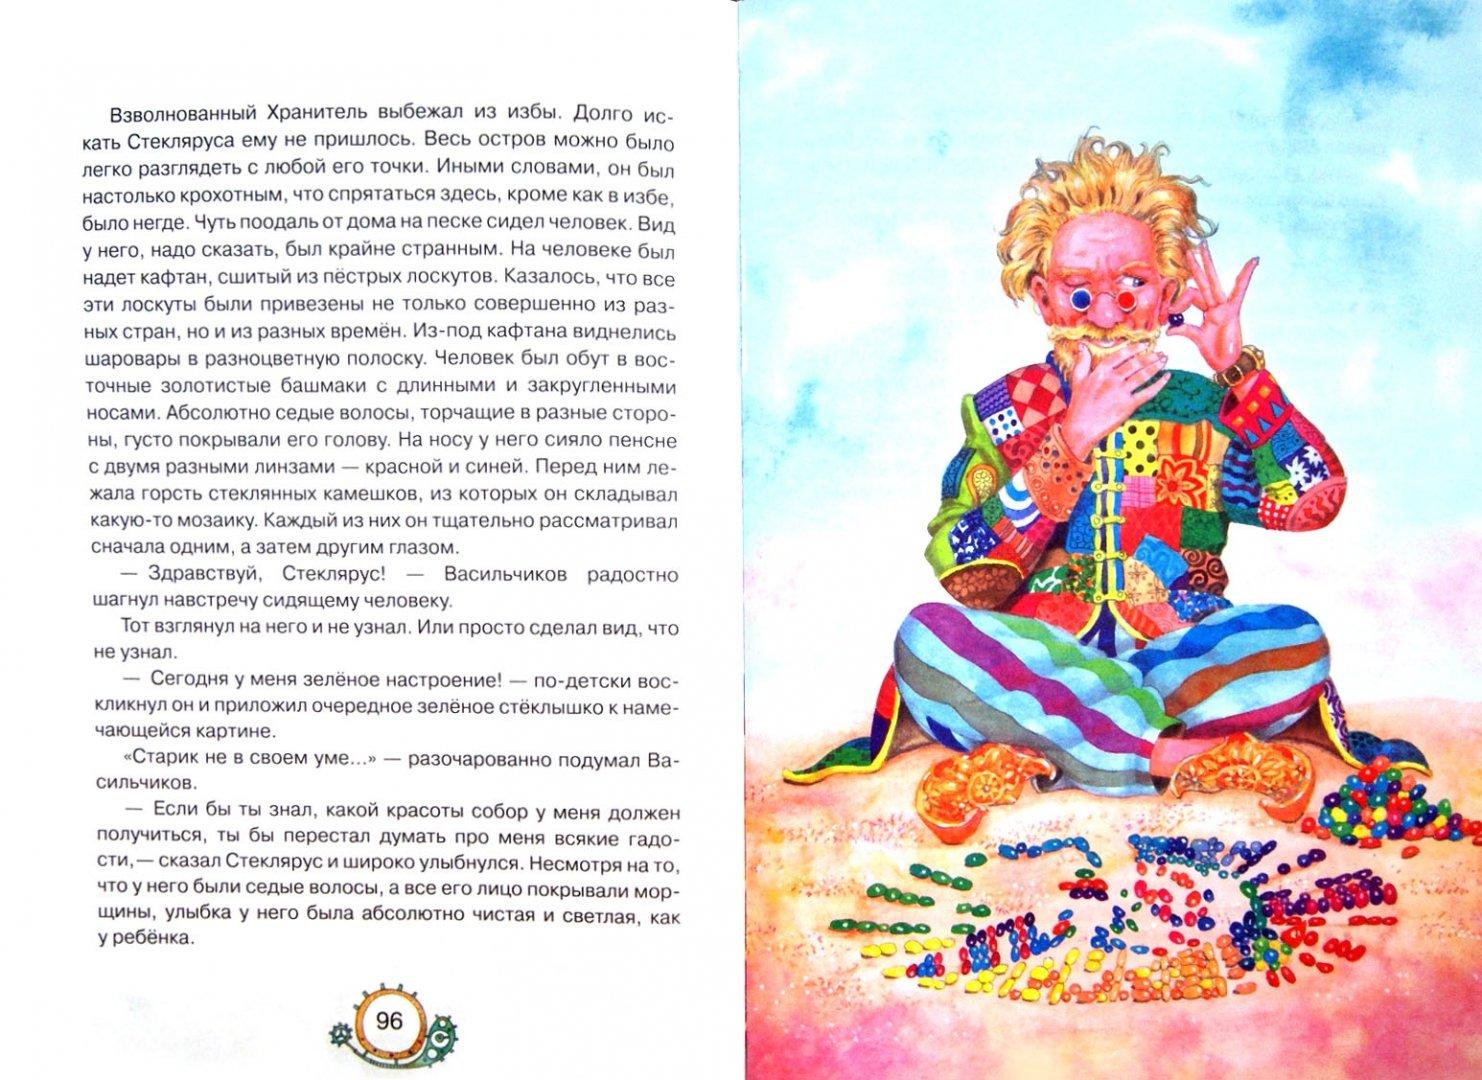 Иллюстрация 1 из 23 для Чудесариум Акима Васильчикова - Анастасия Белая | Лабиринт - книги. Источник: Лабиринт